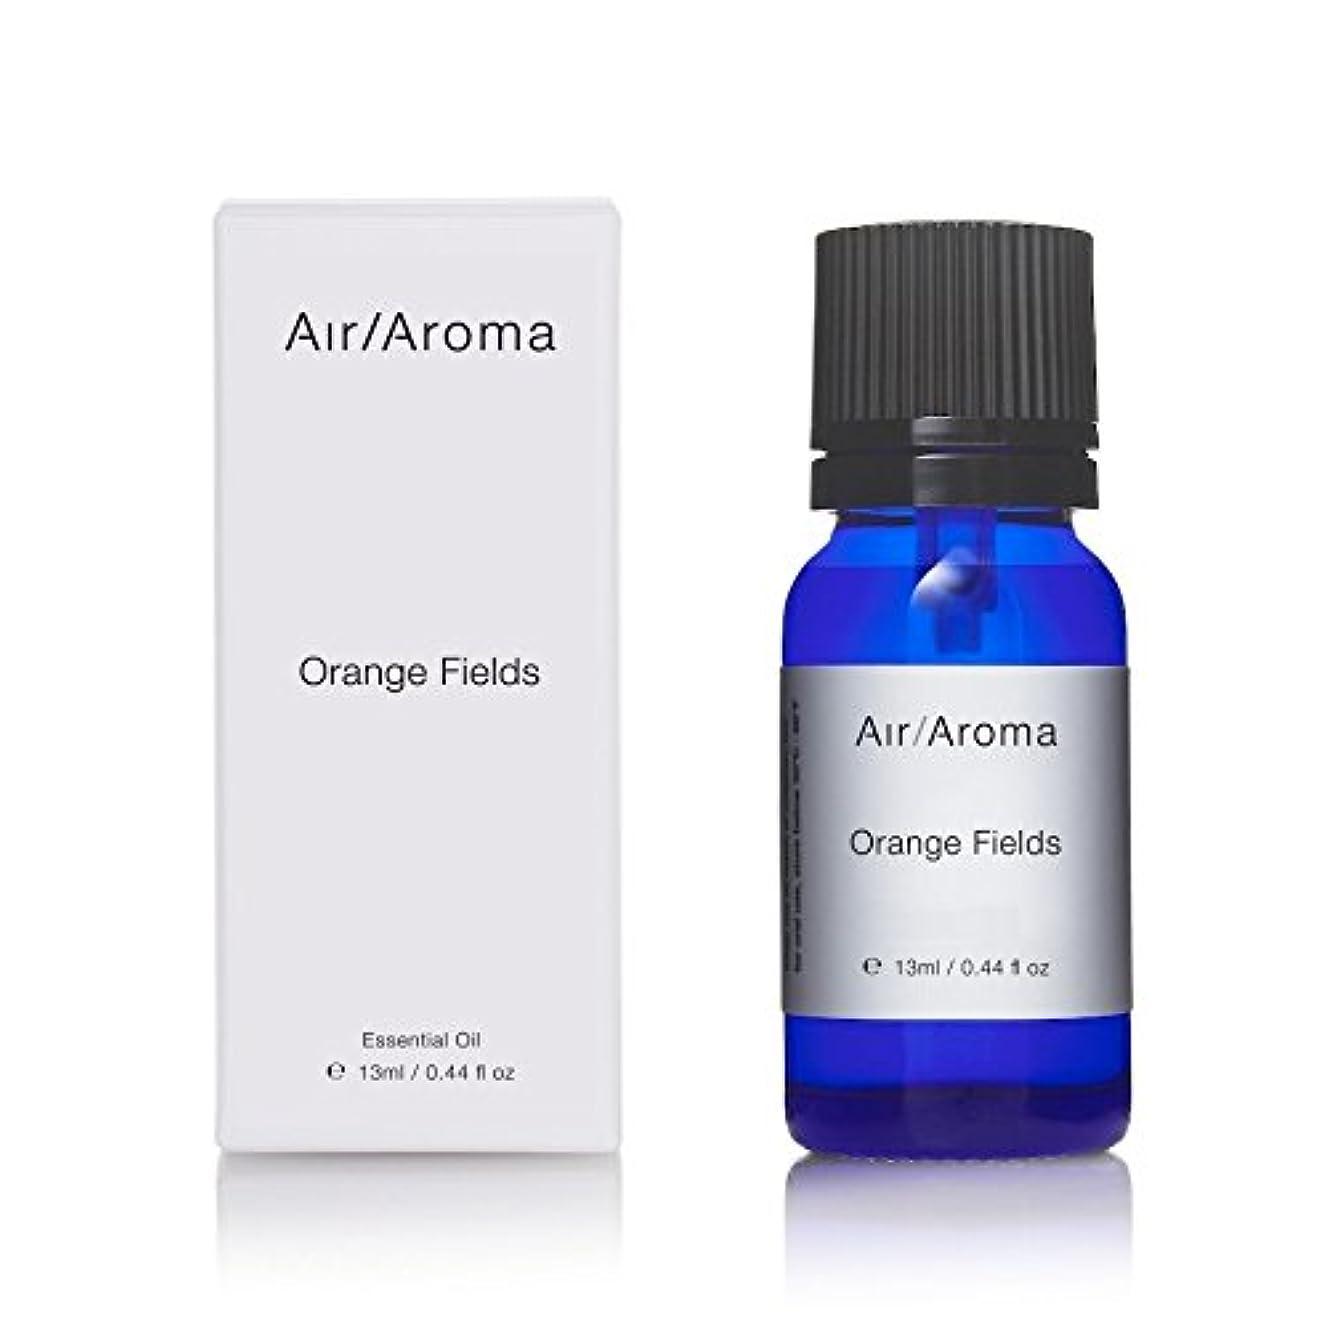 露出度の高いアフリカ魅了するエアアロマ orange fields (オレンジフィールド) 13ml